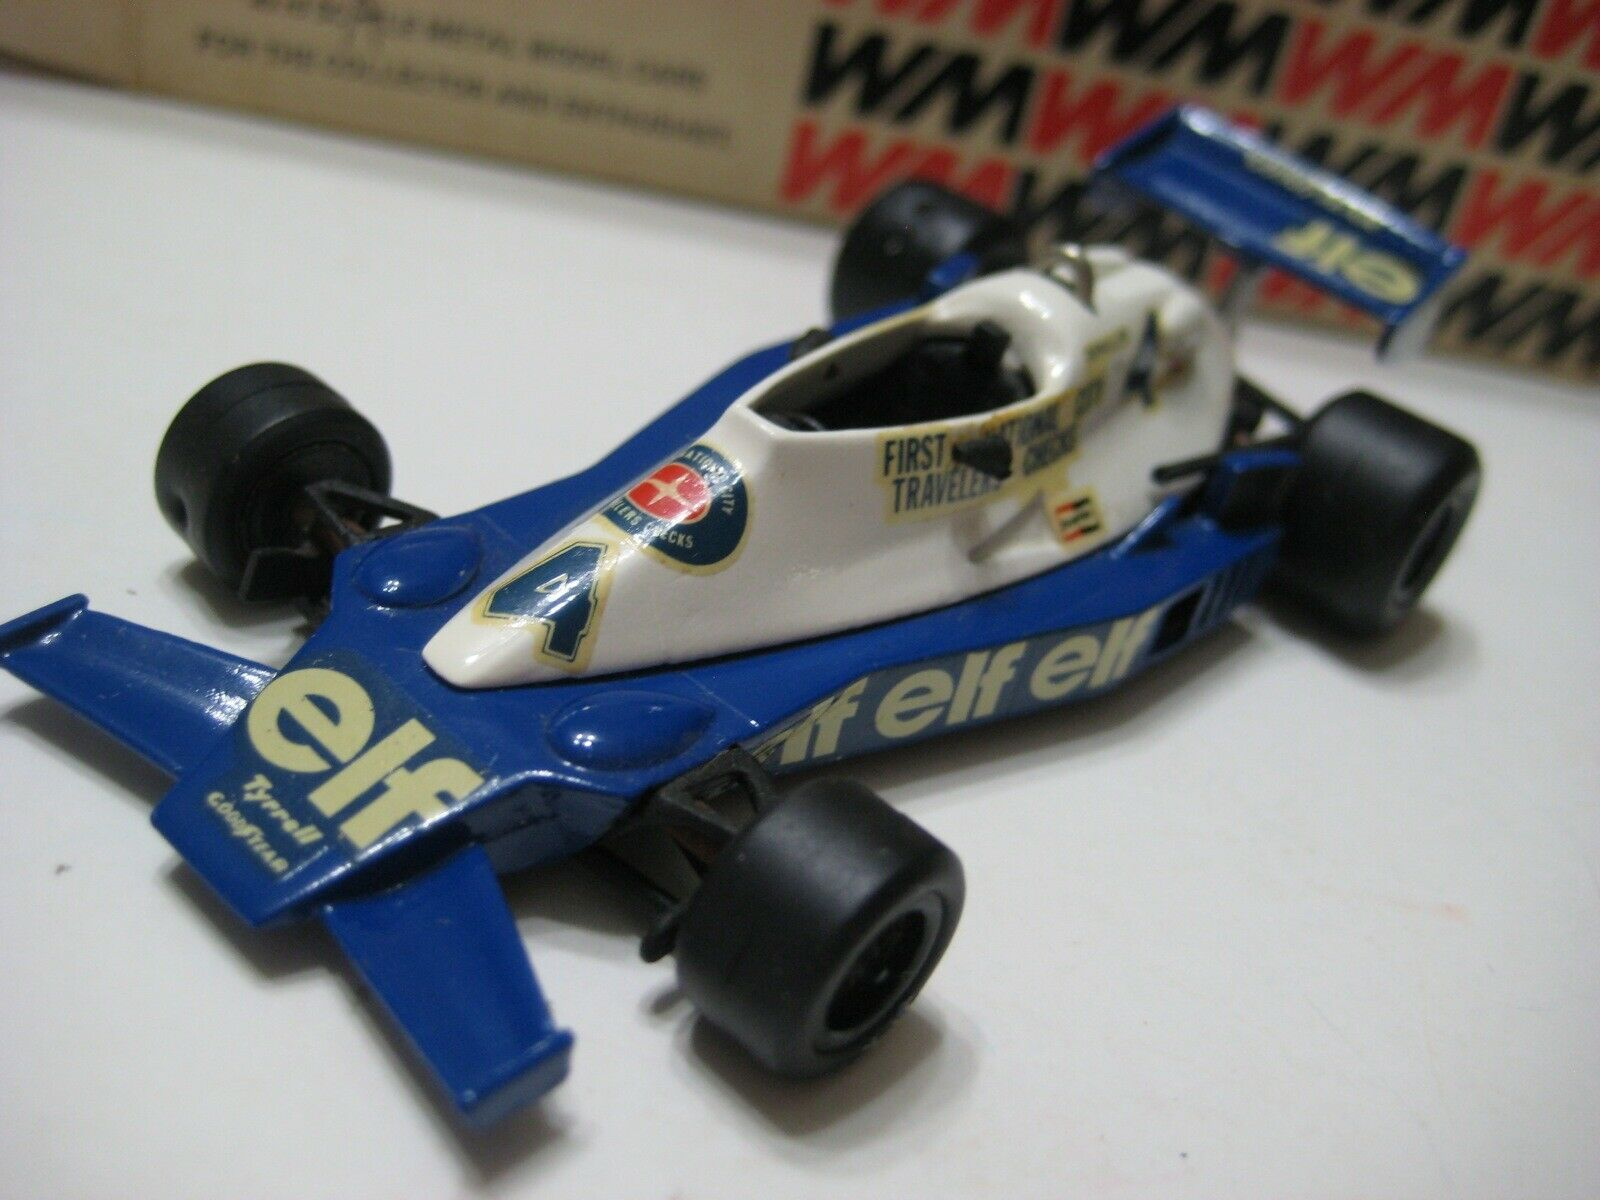 Modelo occidental, Duende azul y blancoo Terrill 008, 1978, tallado 1  43 puntas.